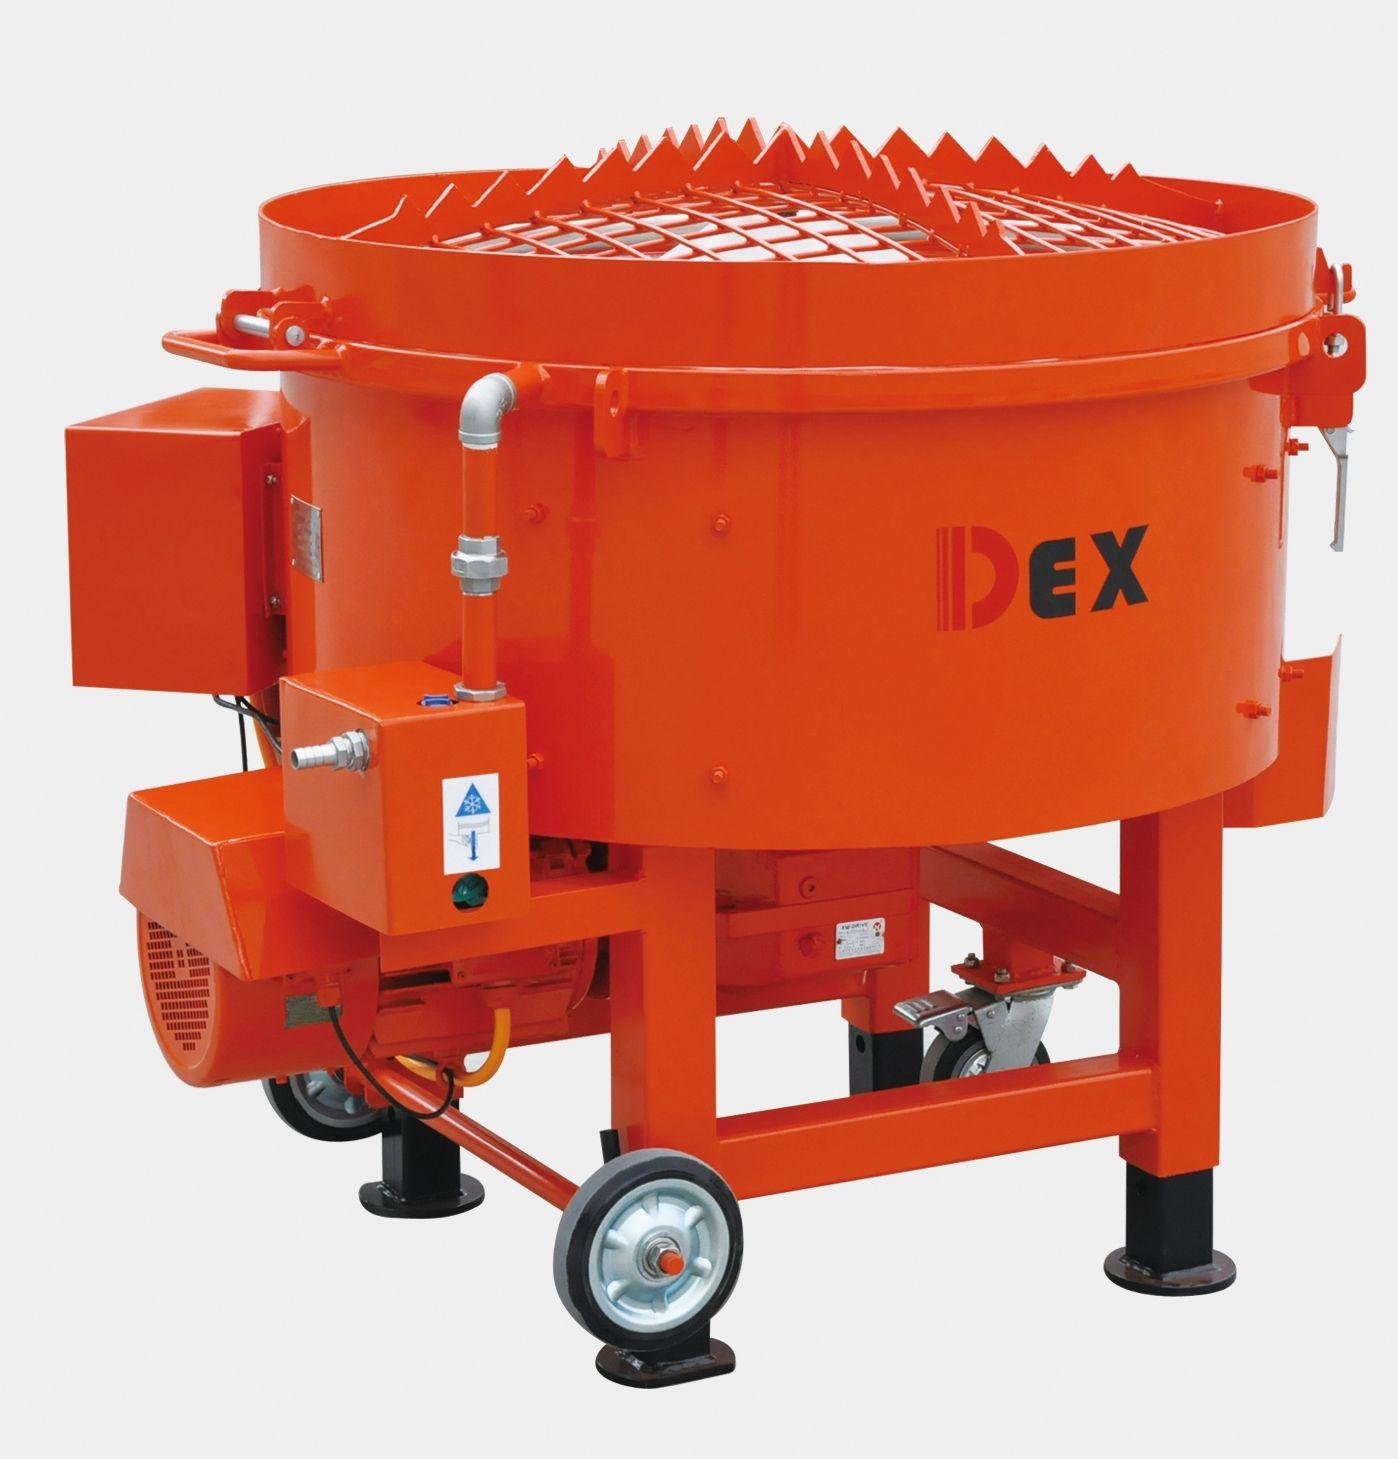 盘式搅拌机DEX供应